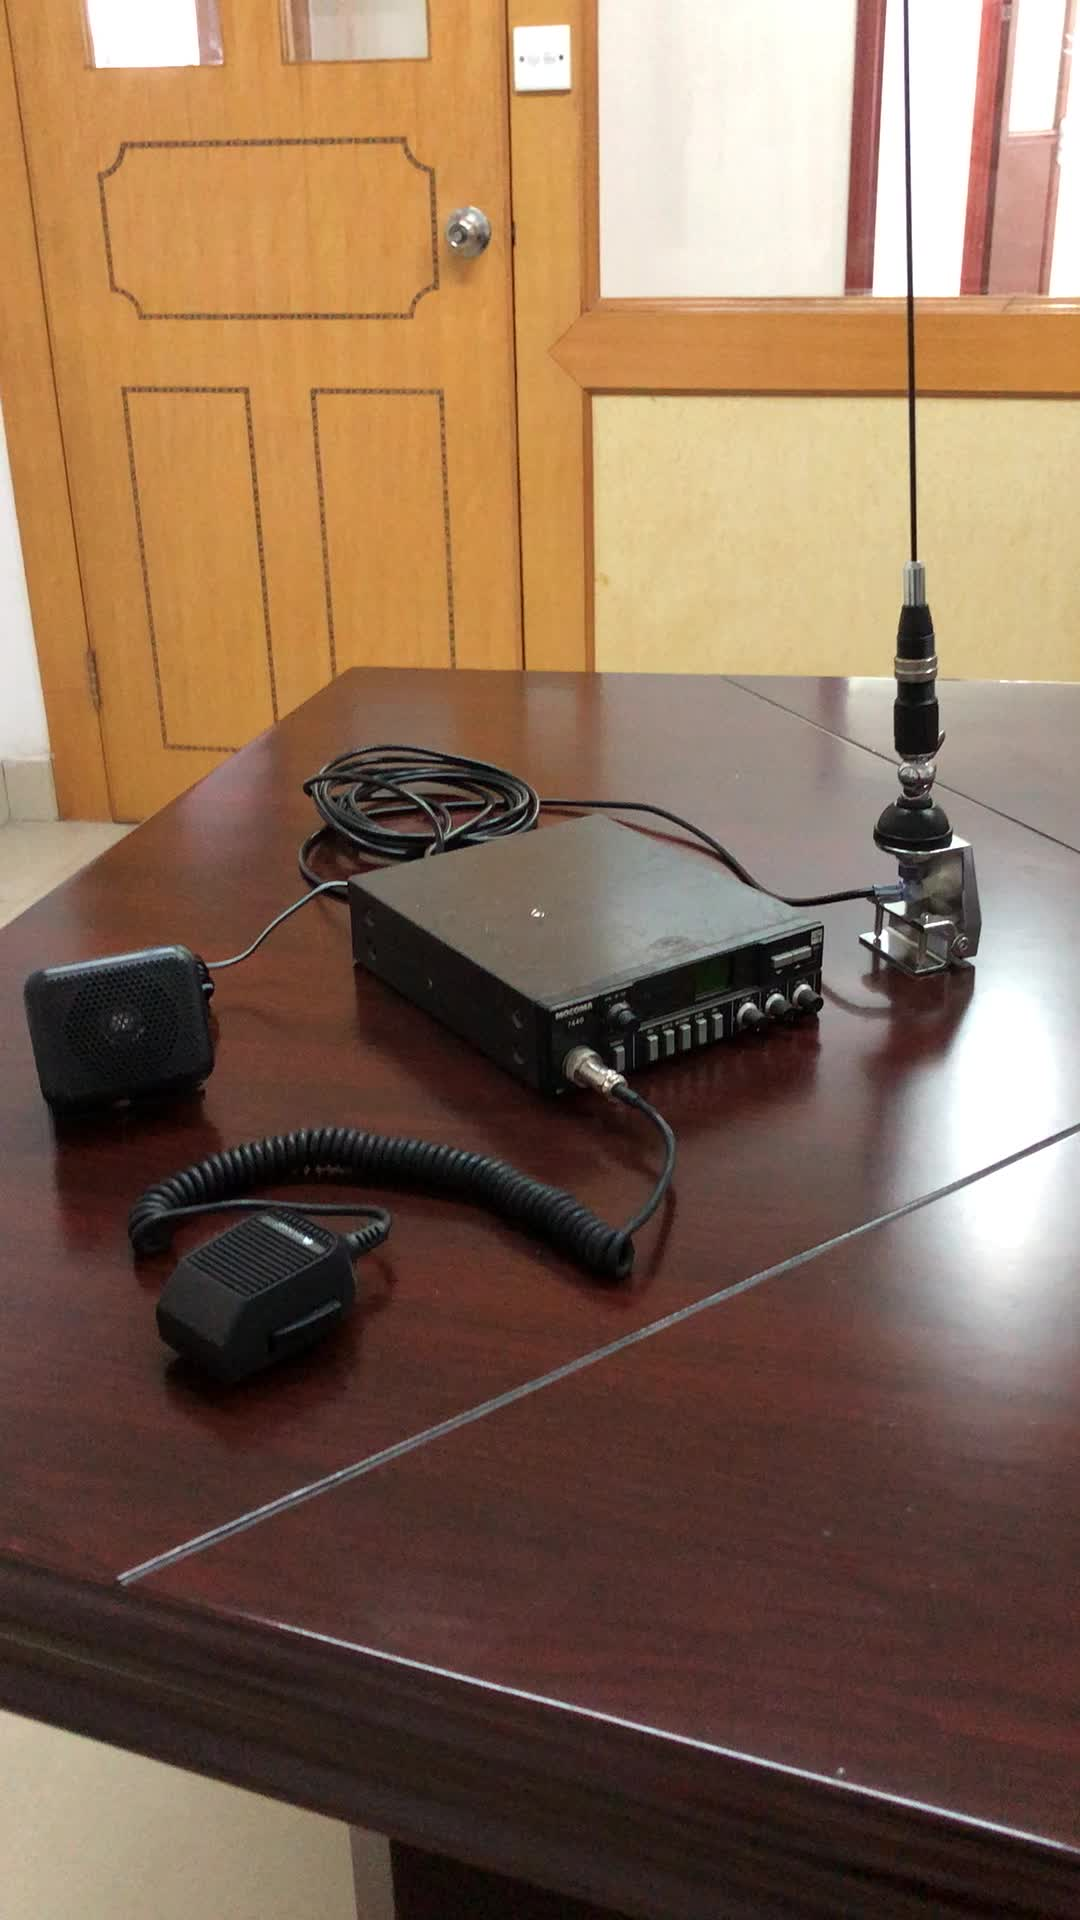 Fabricación de jamón Radio de dos vías montaje tipo coche móvil 27MHz CB Antena de coche para la comunicación